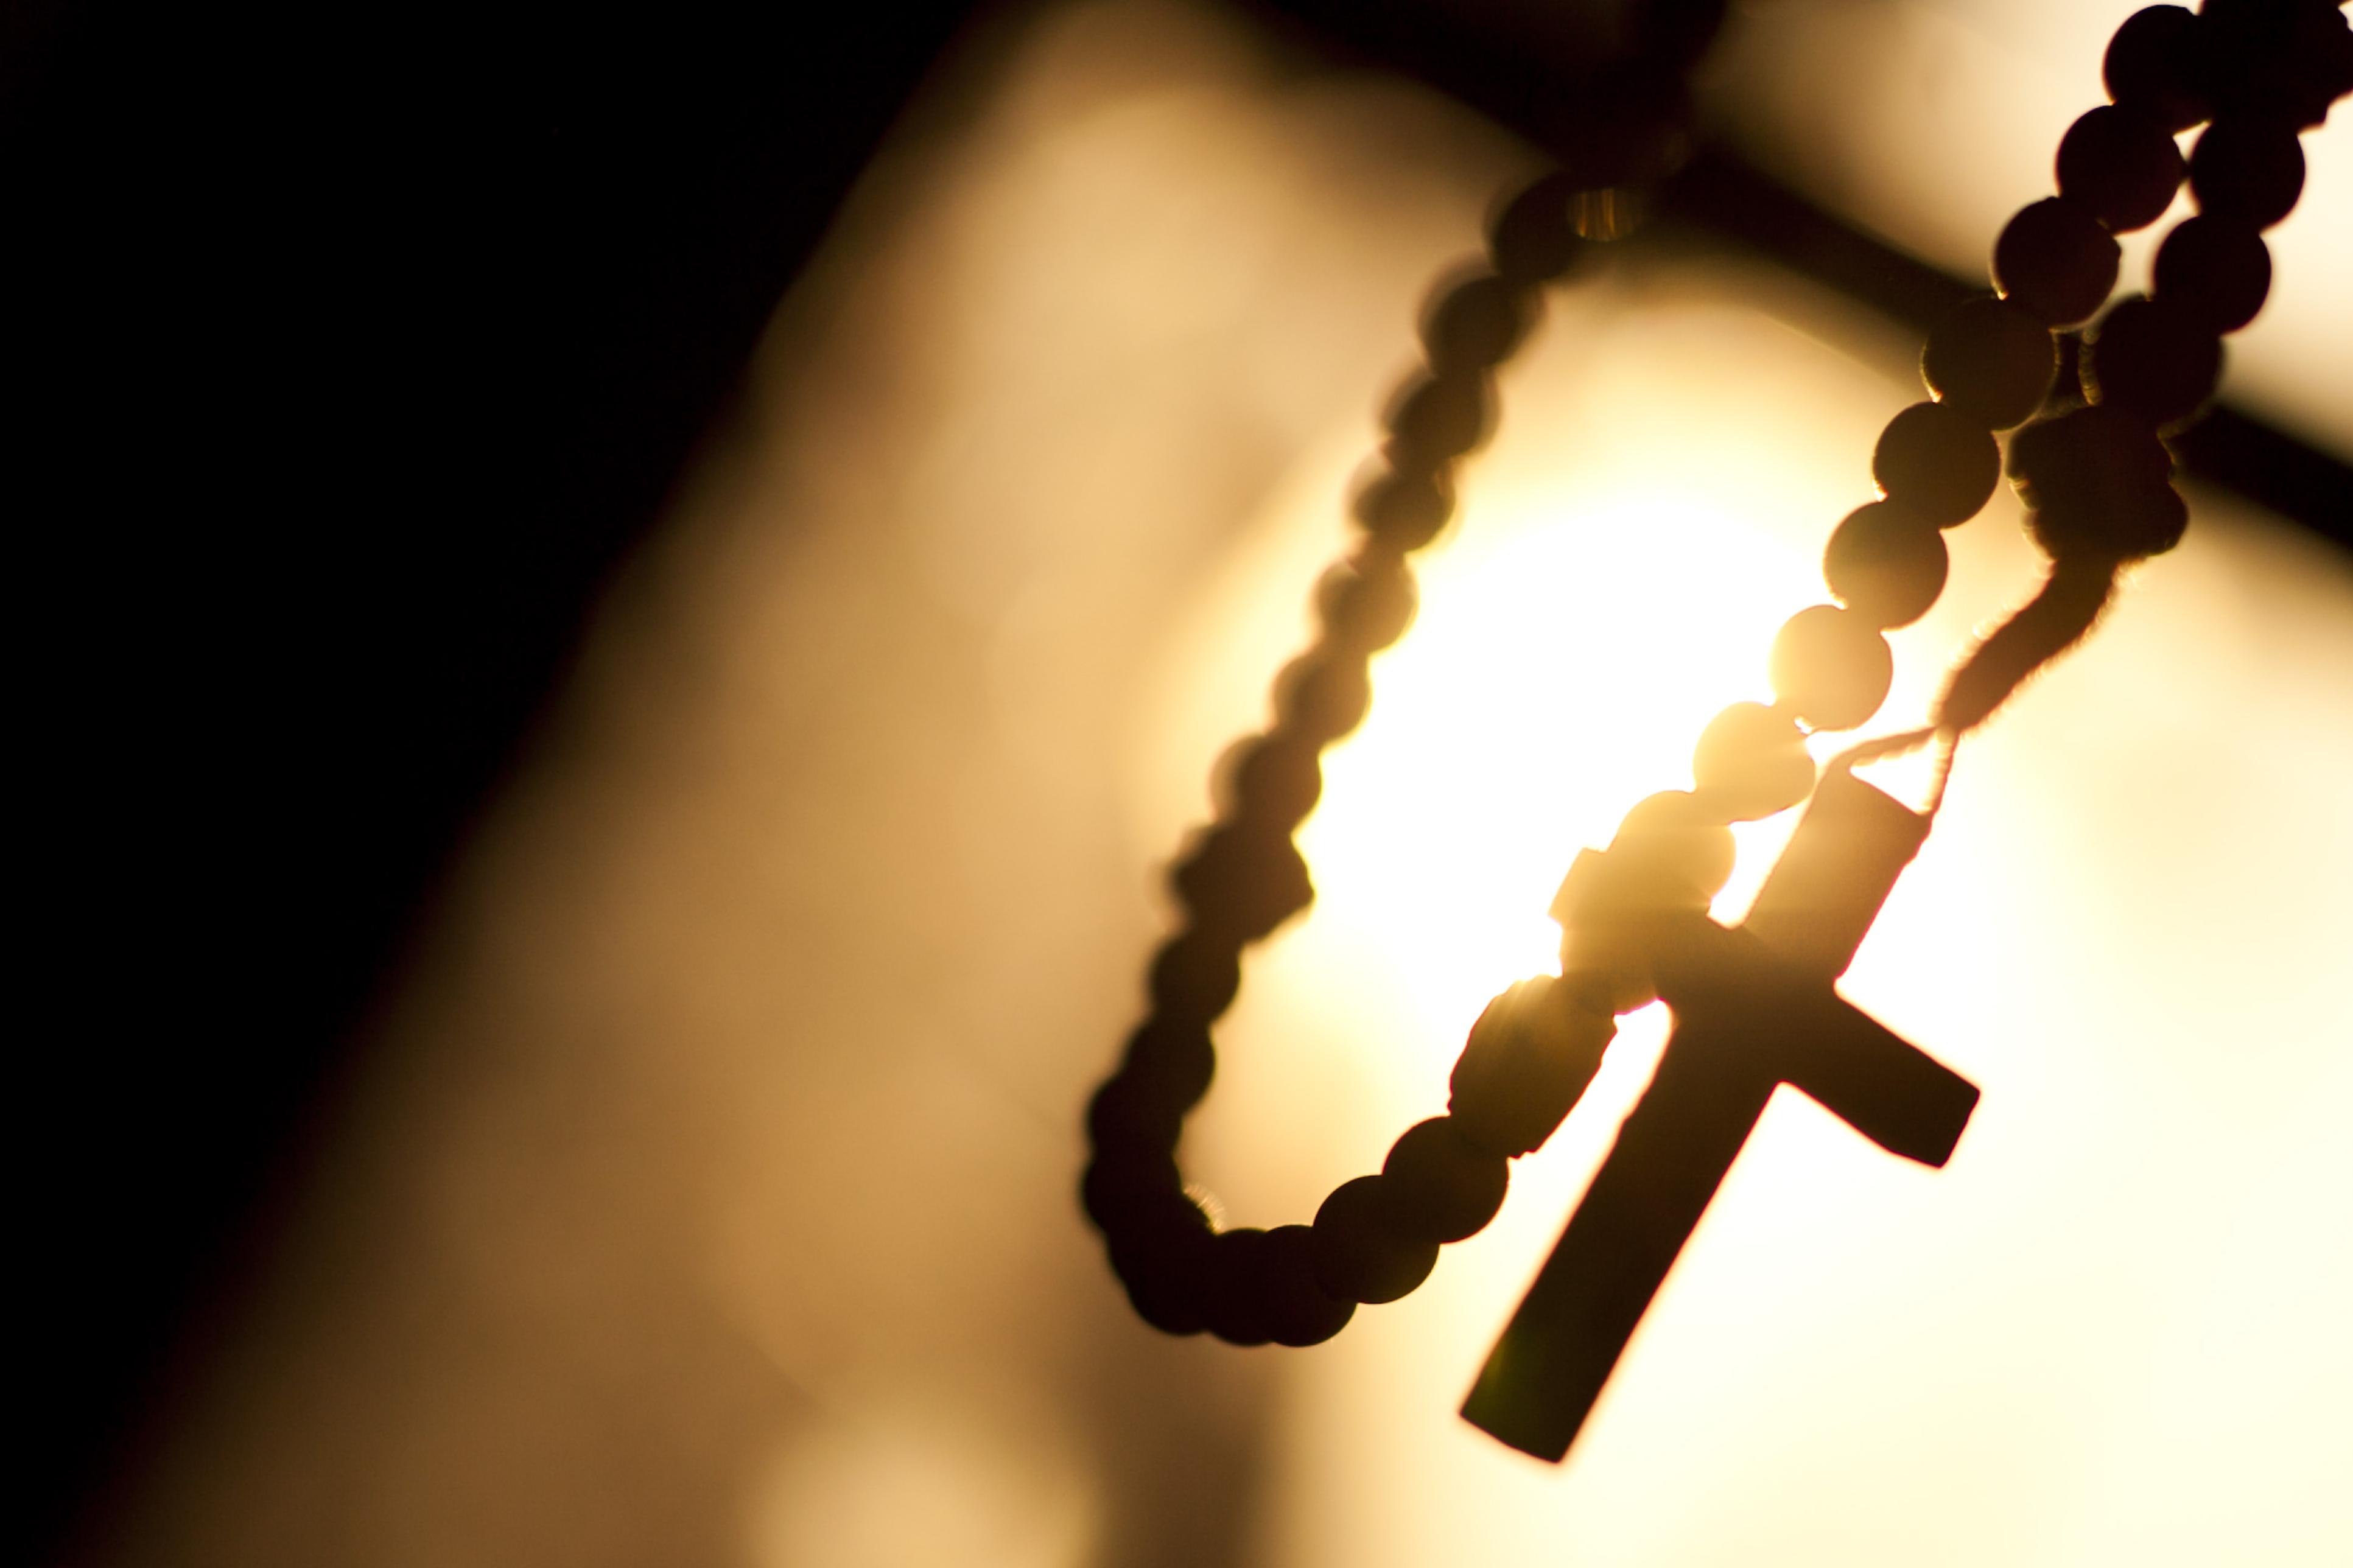 <p>На 5 февруари, православната църква почита паметта на Св. мъченица Агатия. Имен ден празнуват всички, които носят името Агатия, Агата, Добрин, Добринка, Добромир, Добромира, Добри, тъй като Агатия от старогръцки означава &quot;добра&quot;.</p>